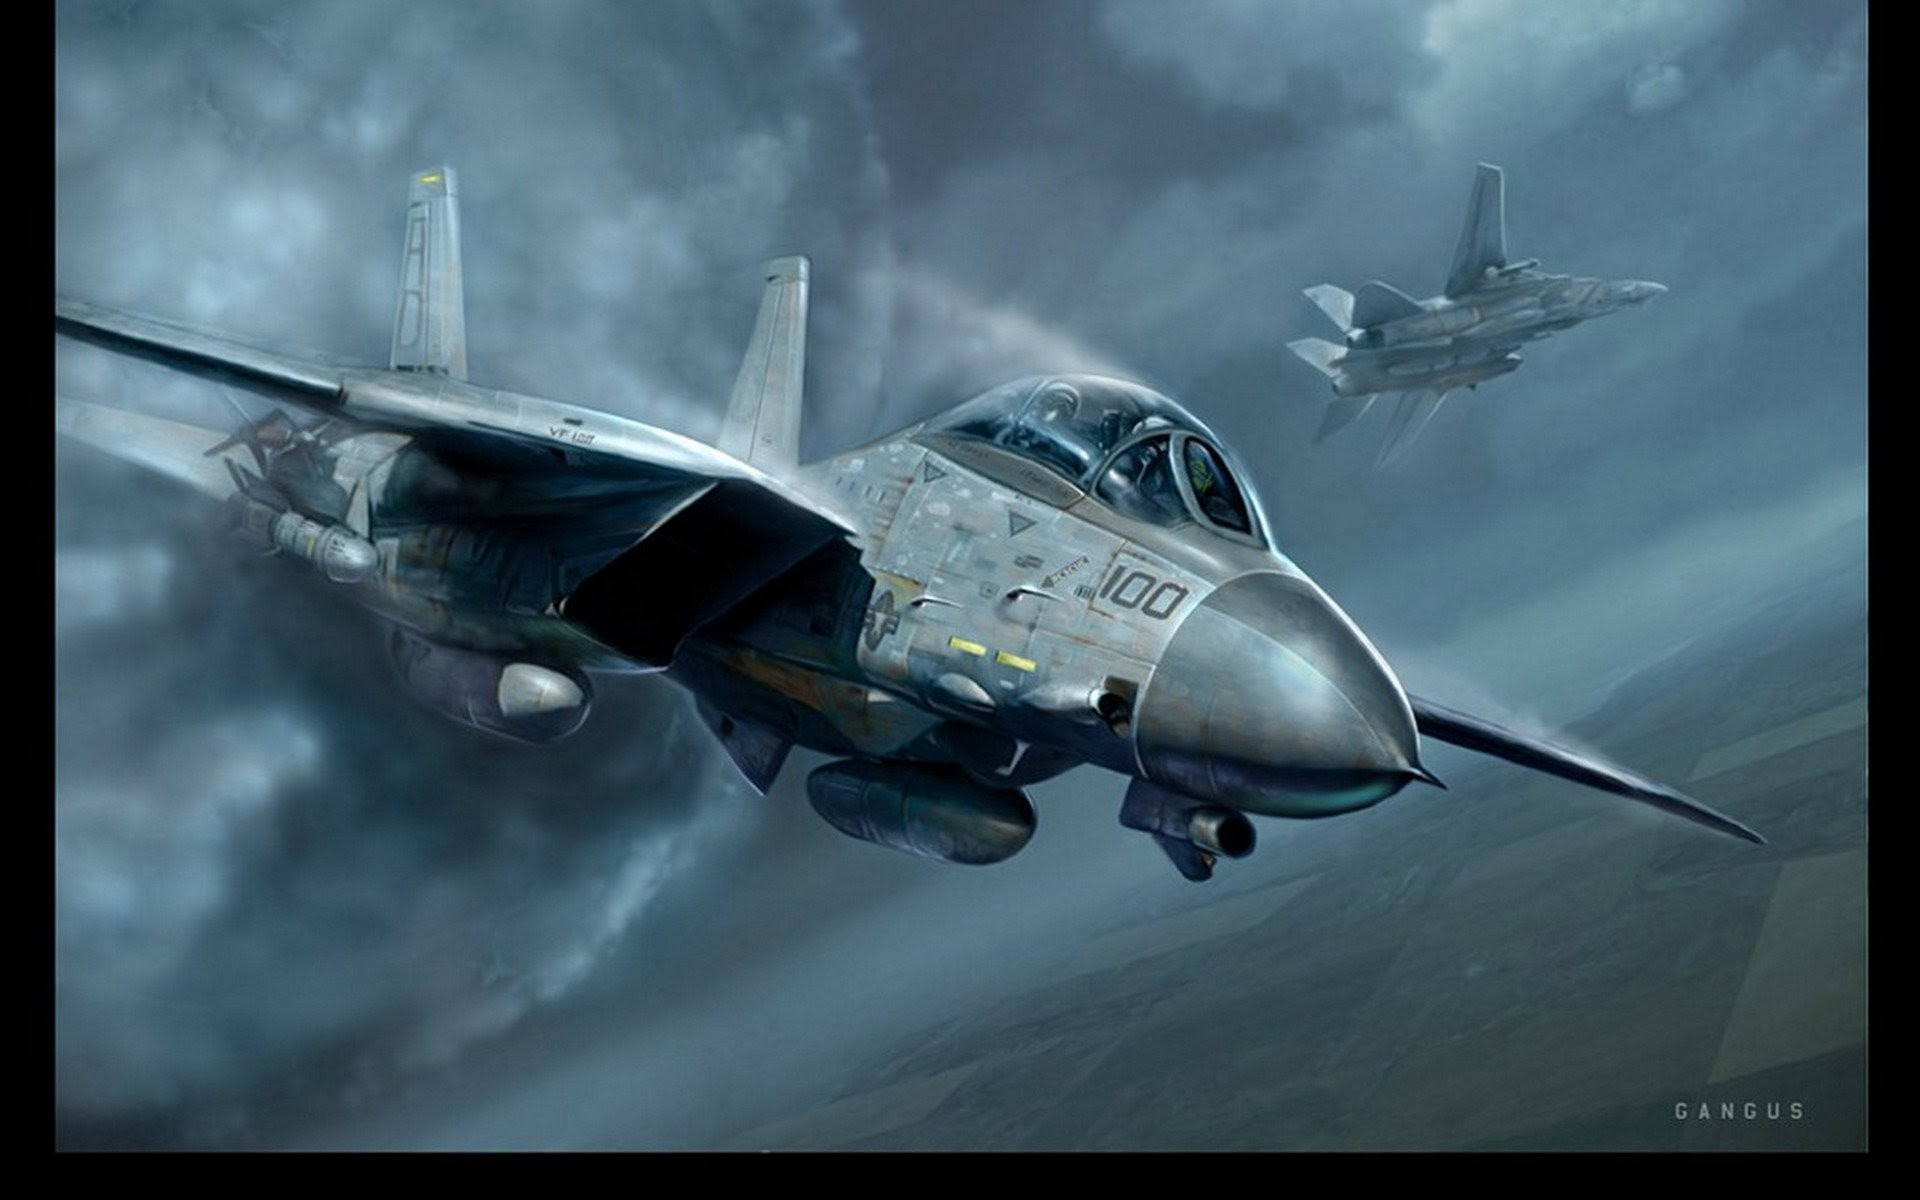 F 14 Tomcat Wallpaper Hd 82 Images